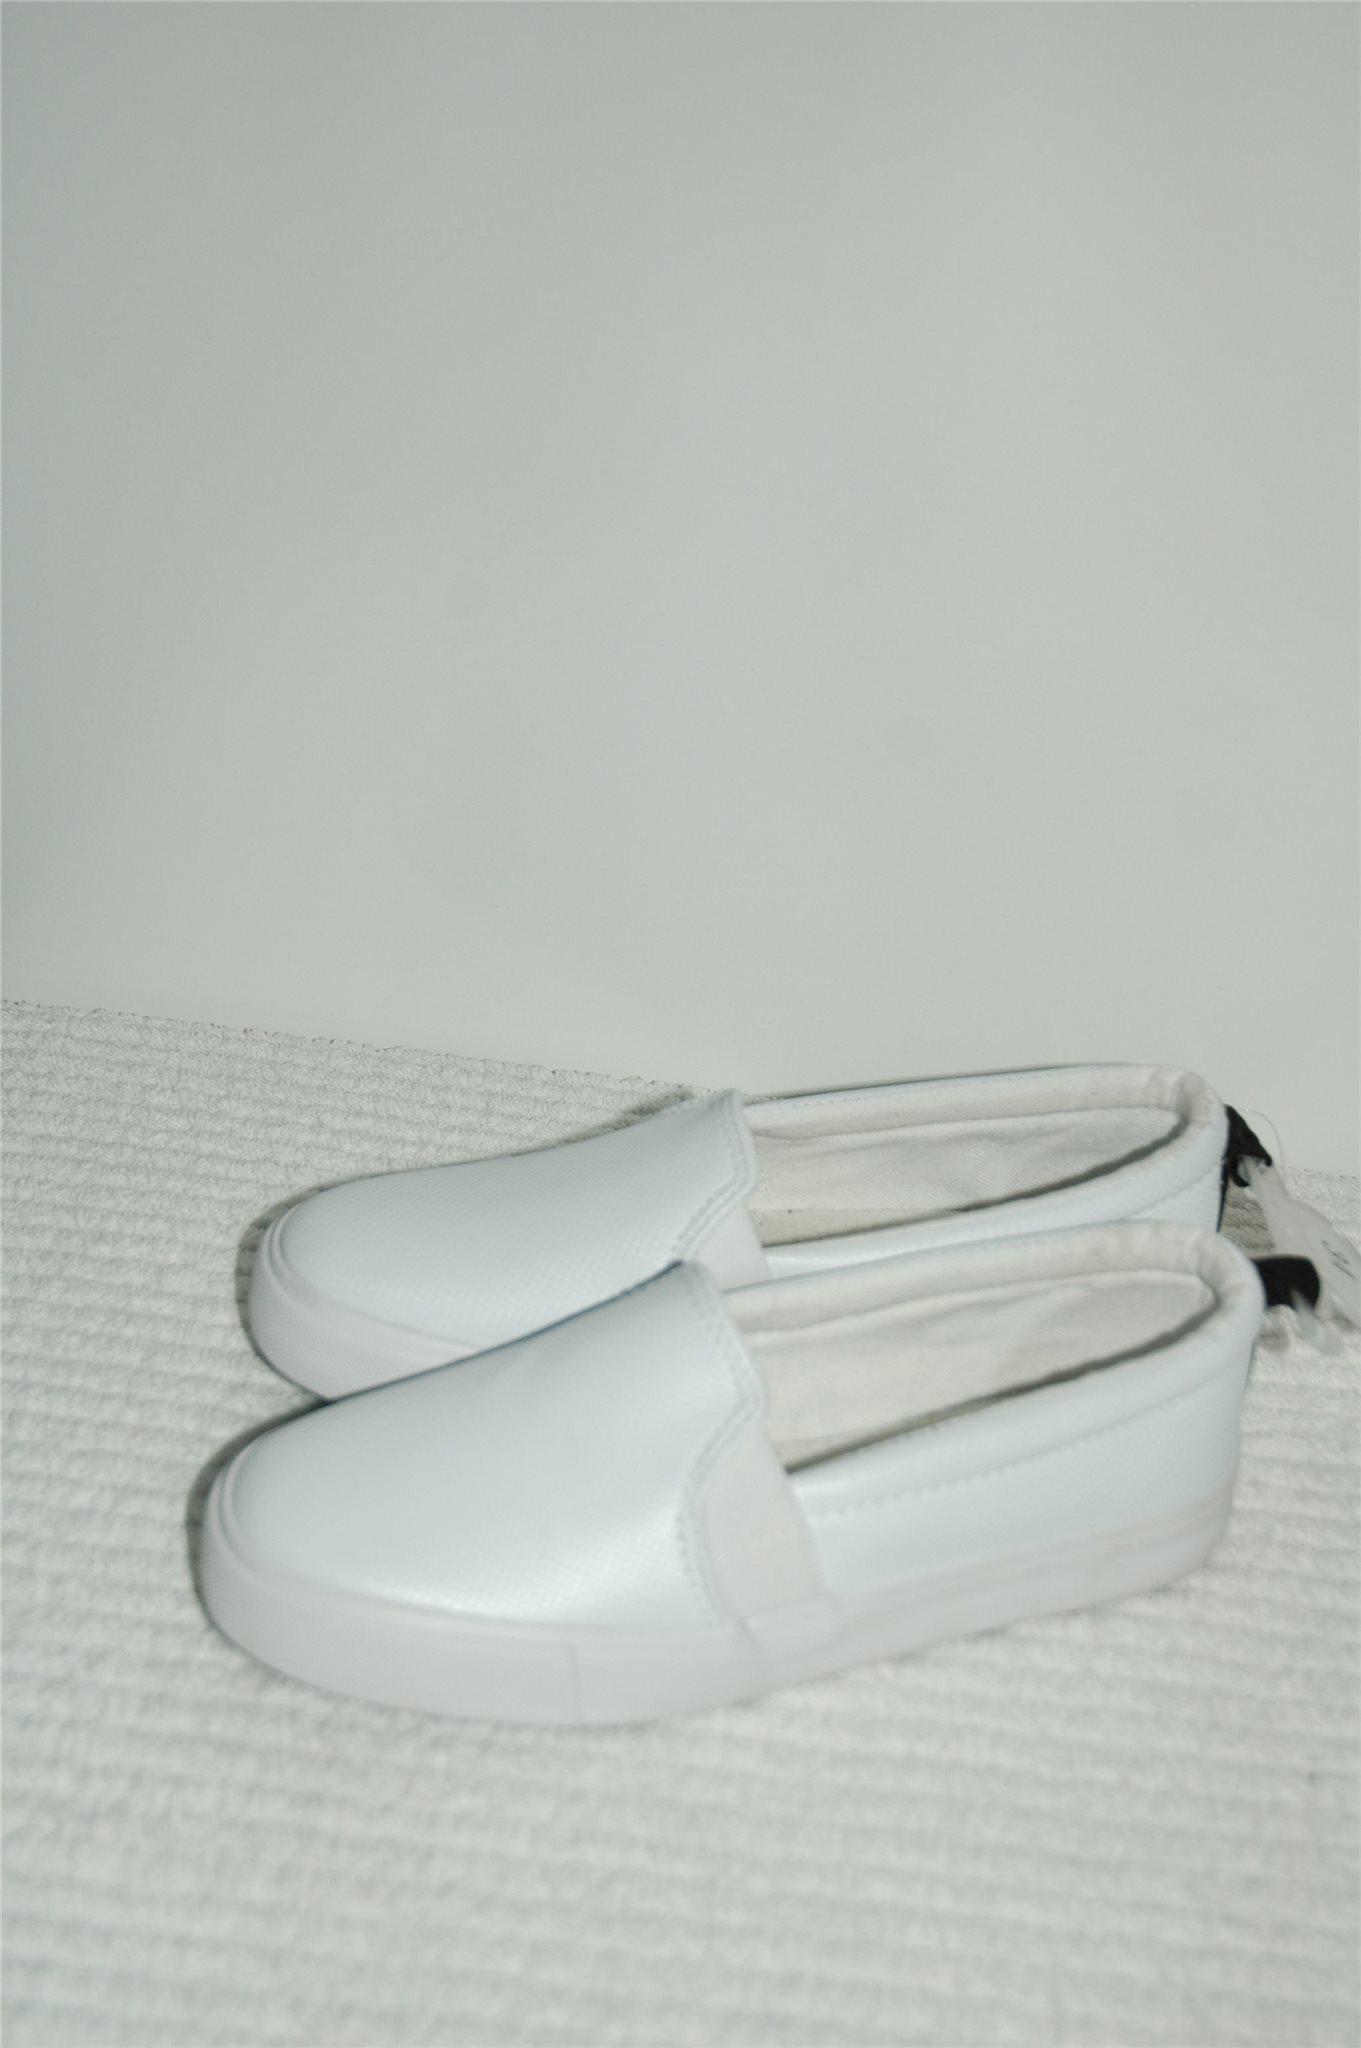 c2737007def Nya barn skor i storlek 34 och färgen vit (343771169) ᐈ Köp på Tradera